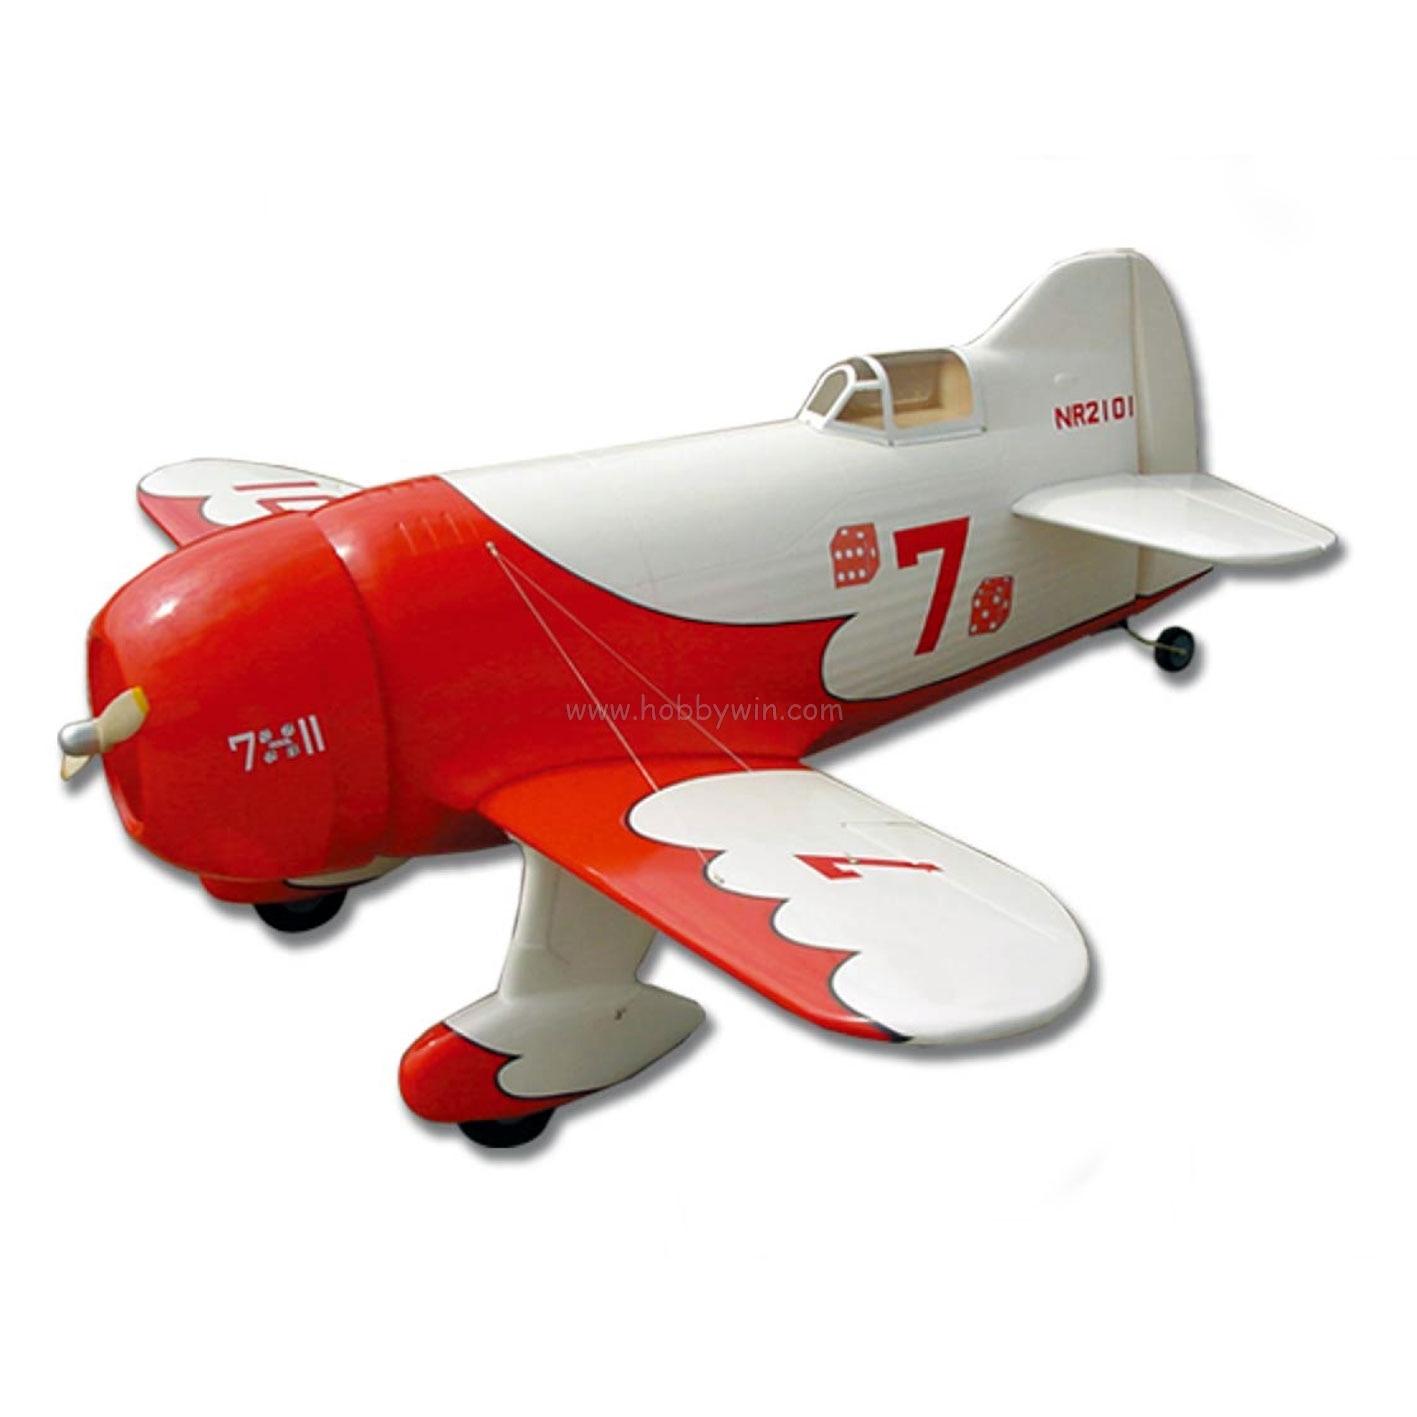 FlyFly Gee Bee 1036mm KIT ohne elektrische teil Fiberglas & Holz RC modell flugzeug-in RC-Flugzeuge aus Spielzeug und Hobbys bei  Gruppe 1